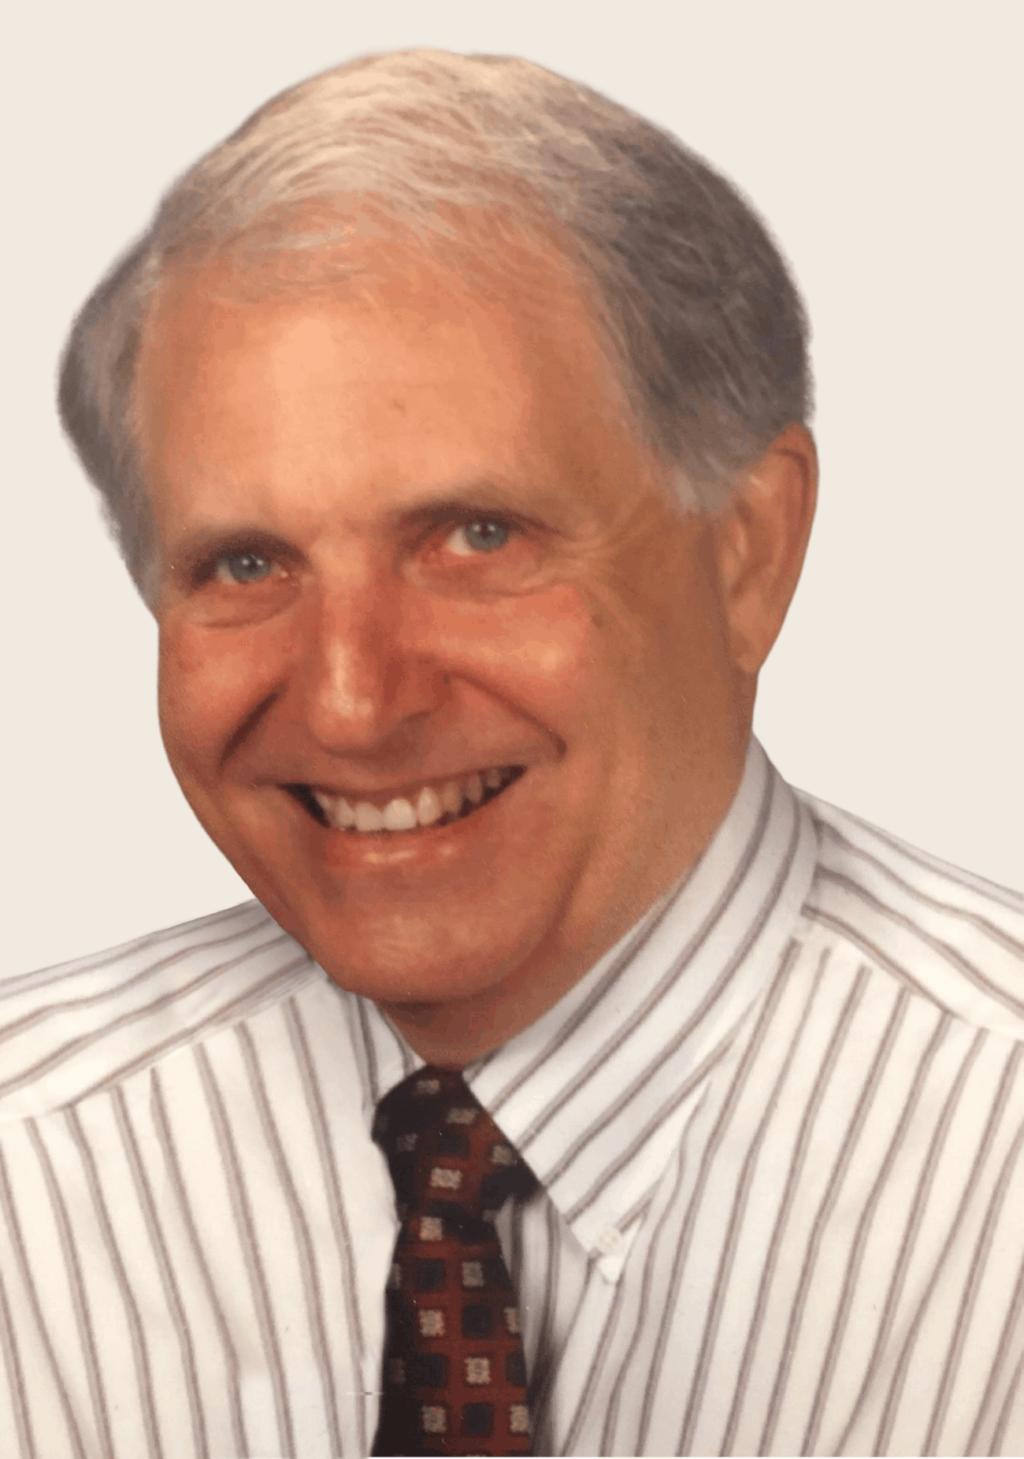 Jack A. Spigarelli